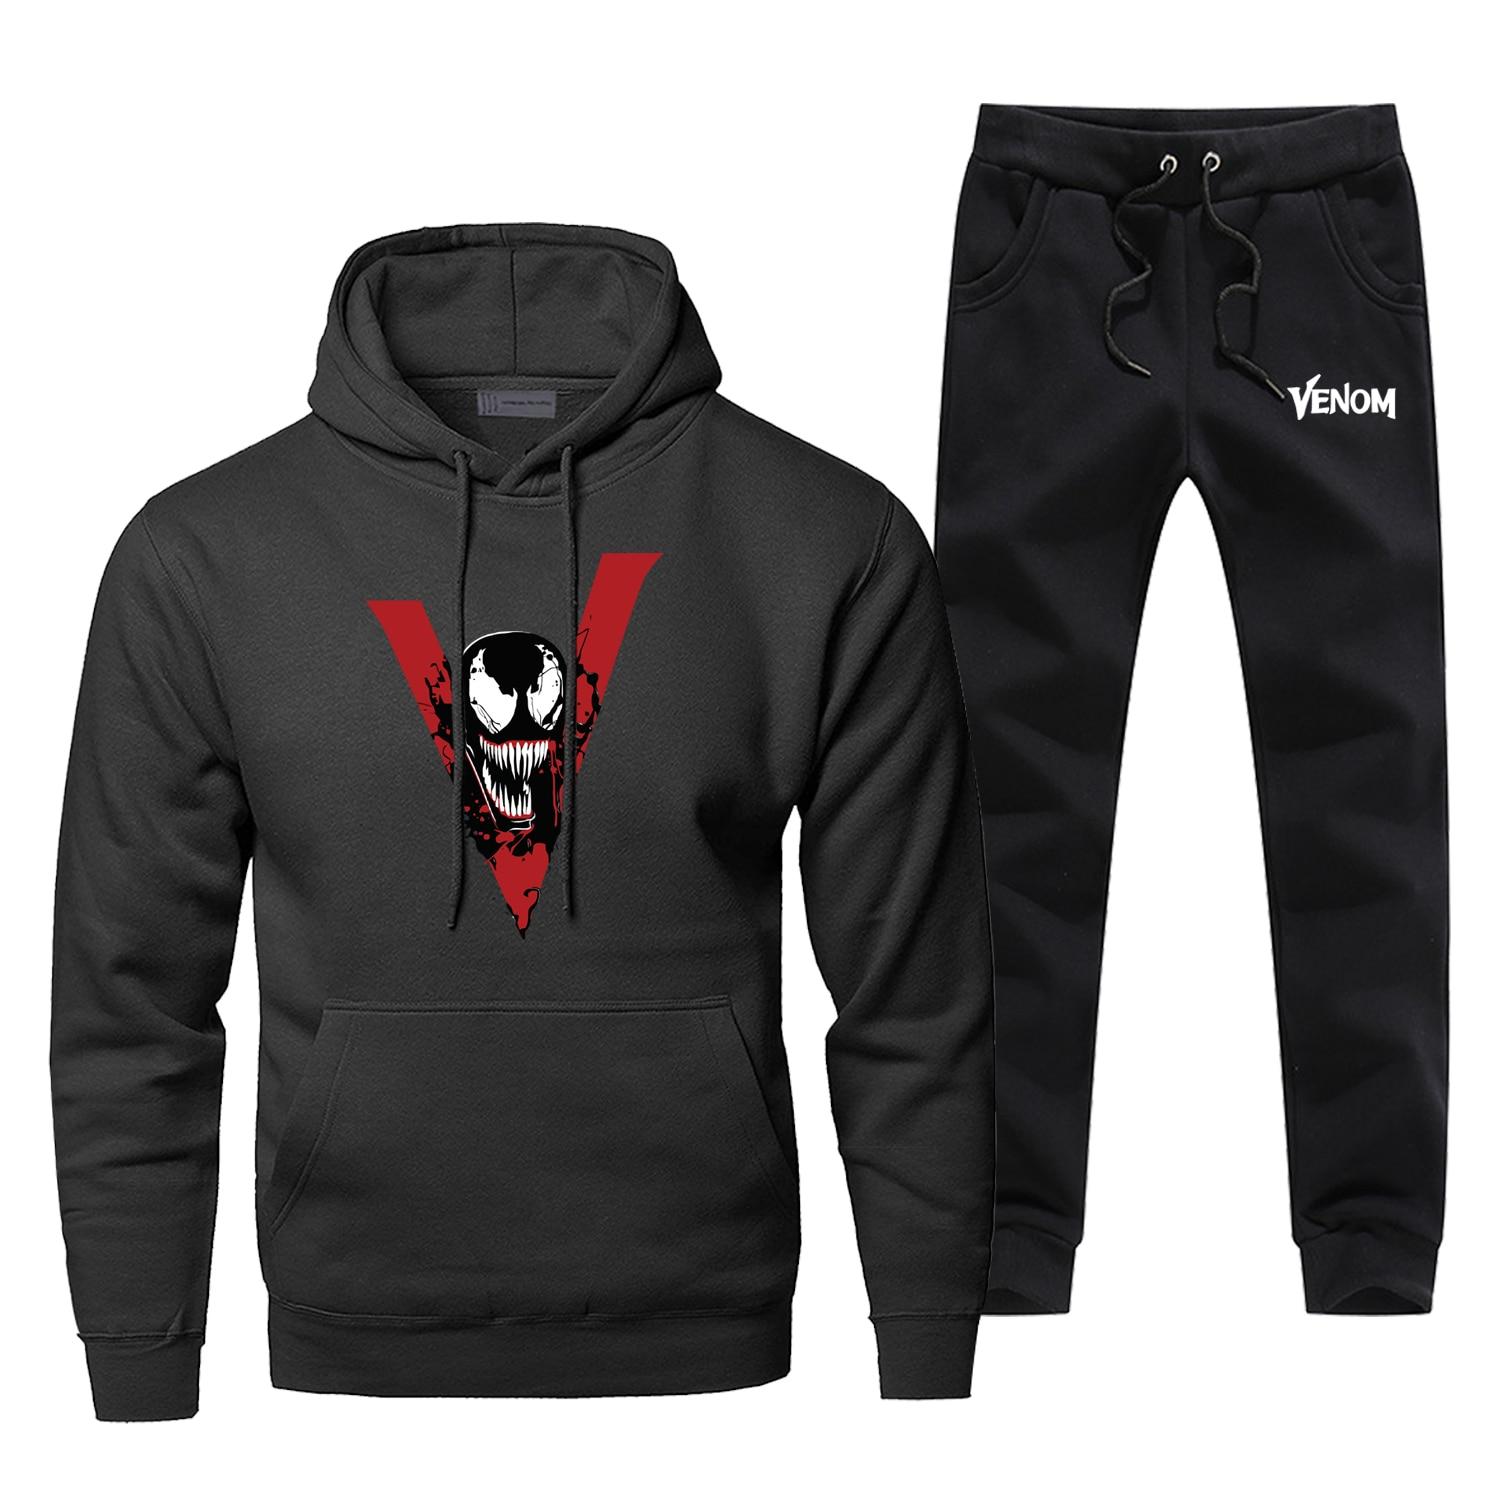 Fashion Marvel Anti-hero Venom Sweatshirt Hoodies Pants Sets Men Casual Fleece Sweatpants Sportswear Hip Hop Streetwear